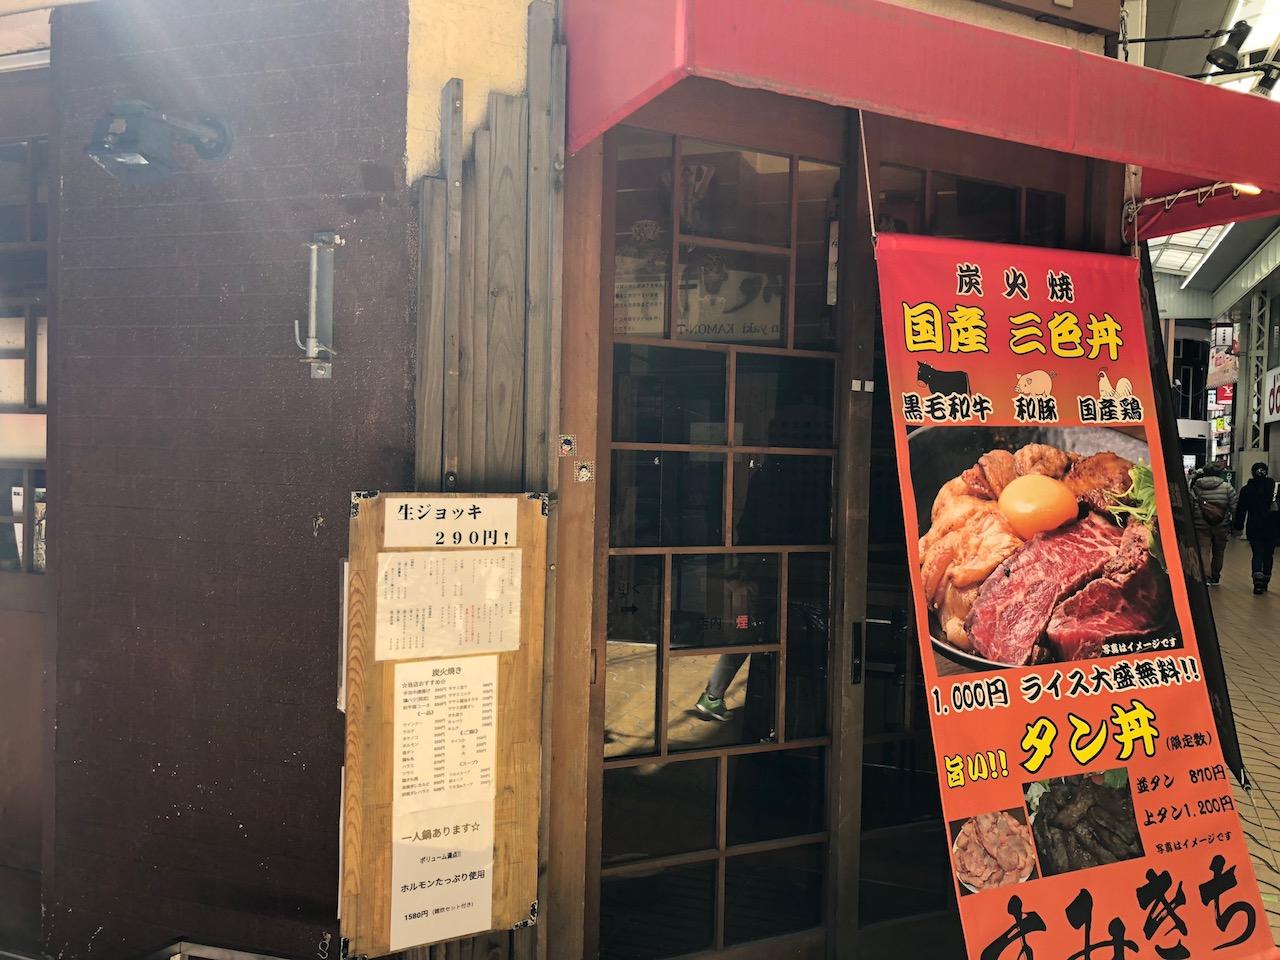 ローストビーフ丼と牛カルビ丼で有名な「すみきち」の全てが詰まった国産三色丼の破壊力がスゴイ!